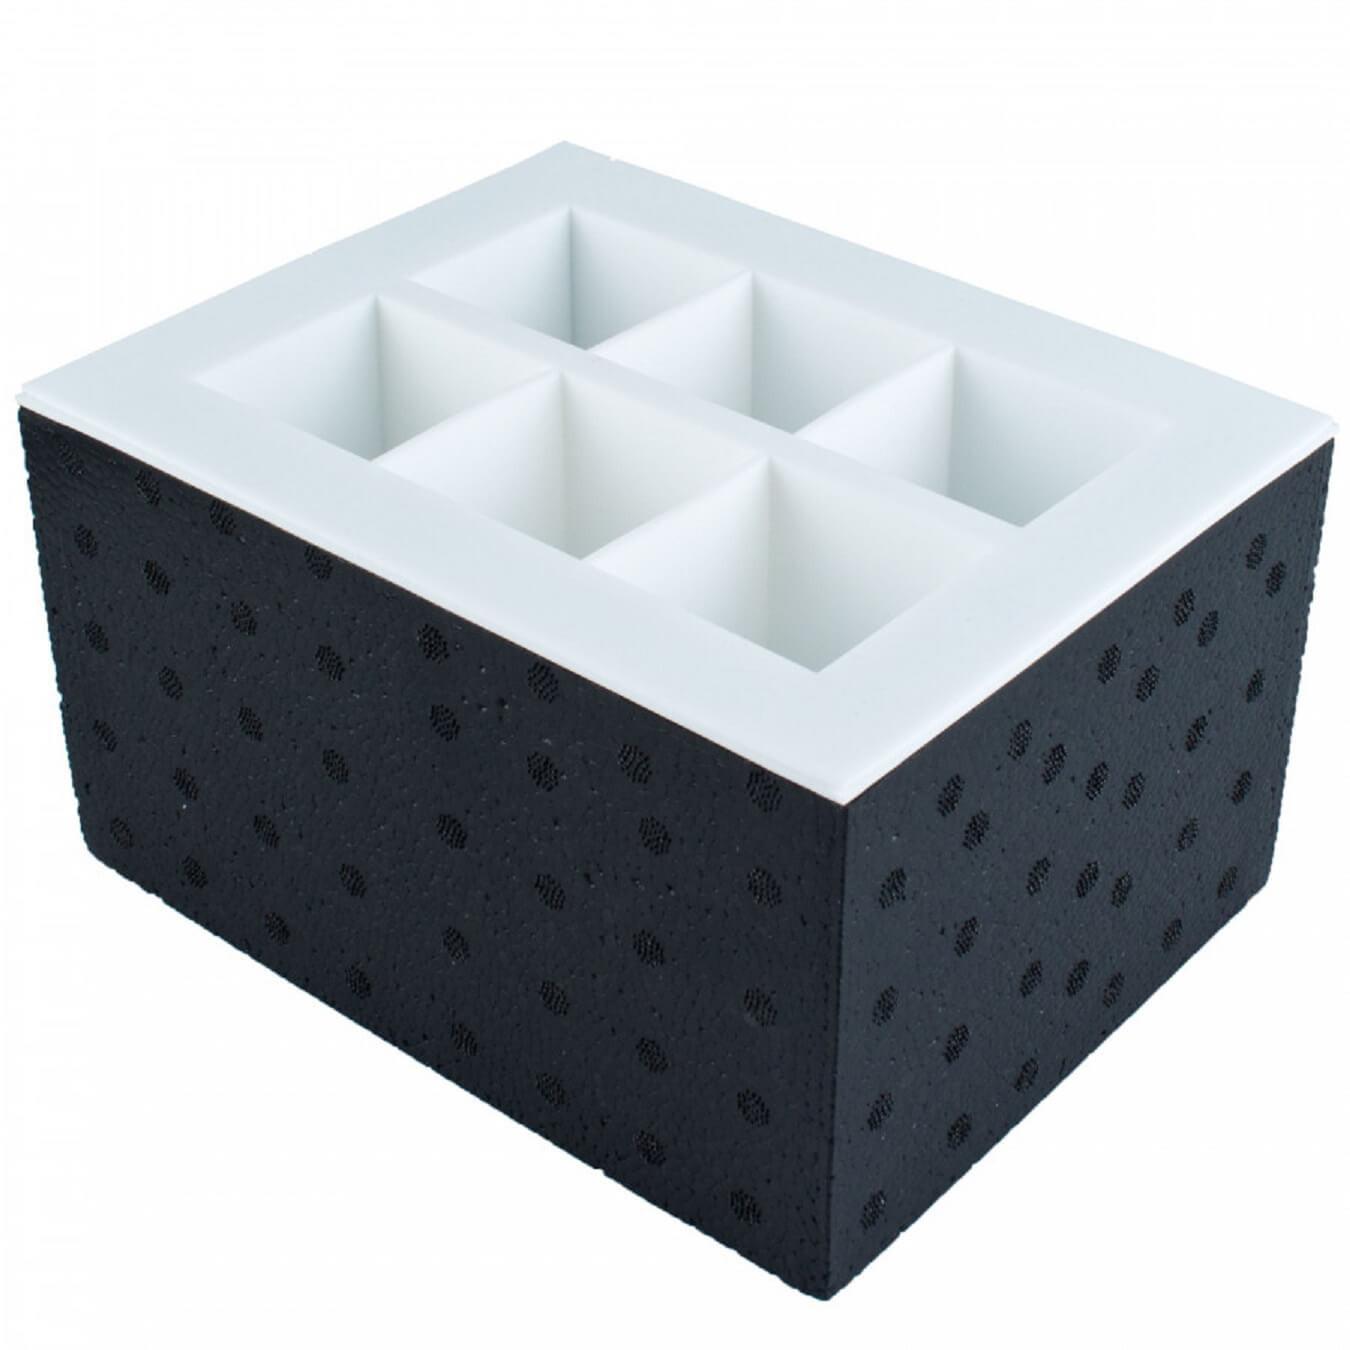 Klar-isterningbakke-clear-ice-5x5-cm-klare-isterning-sort-mixmeister.dk